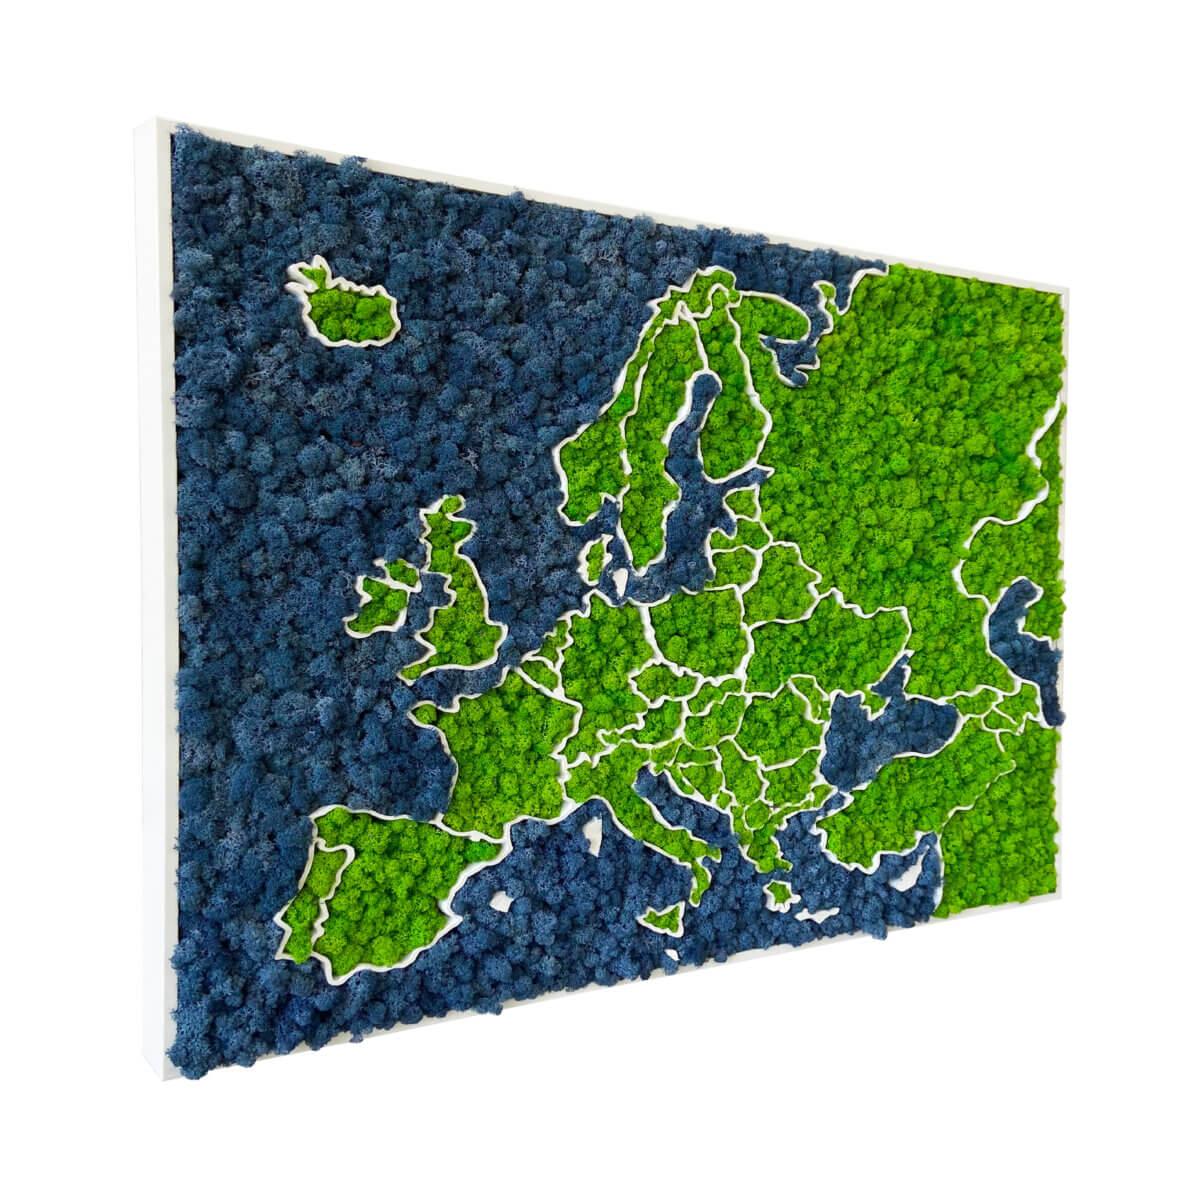 3D Moss Europe Map - organic lichen